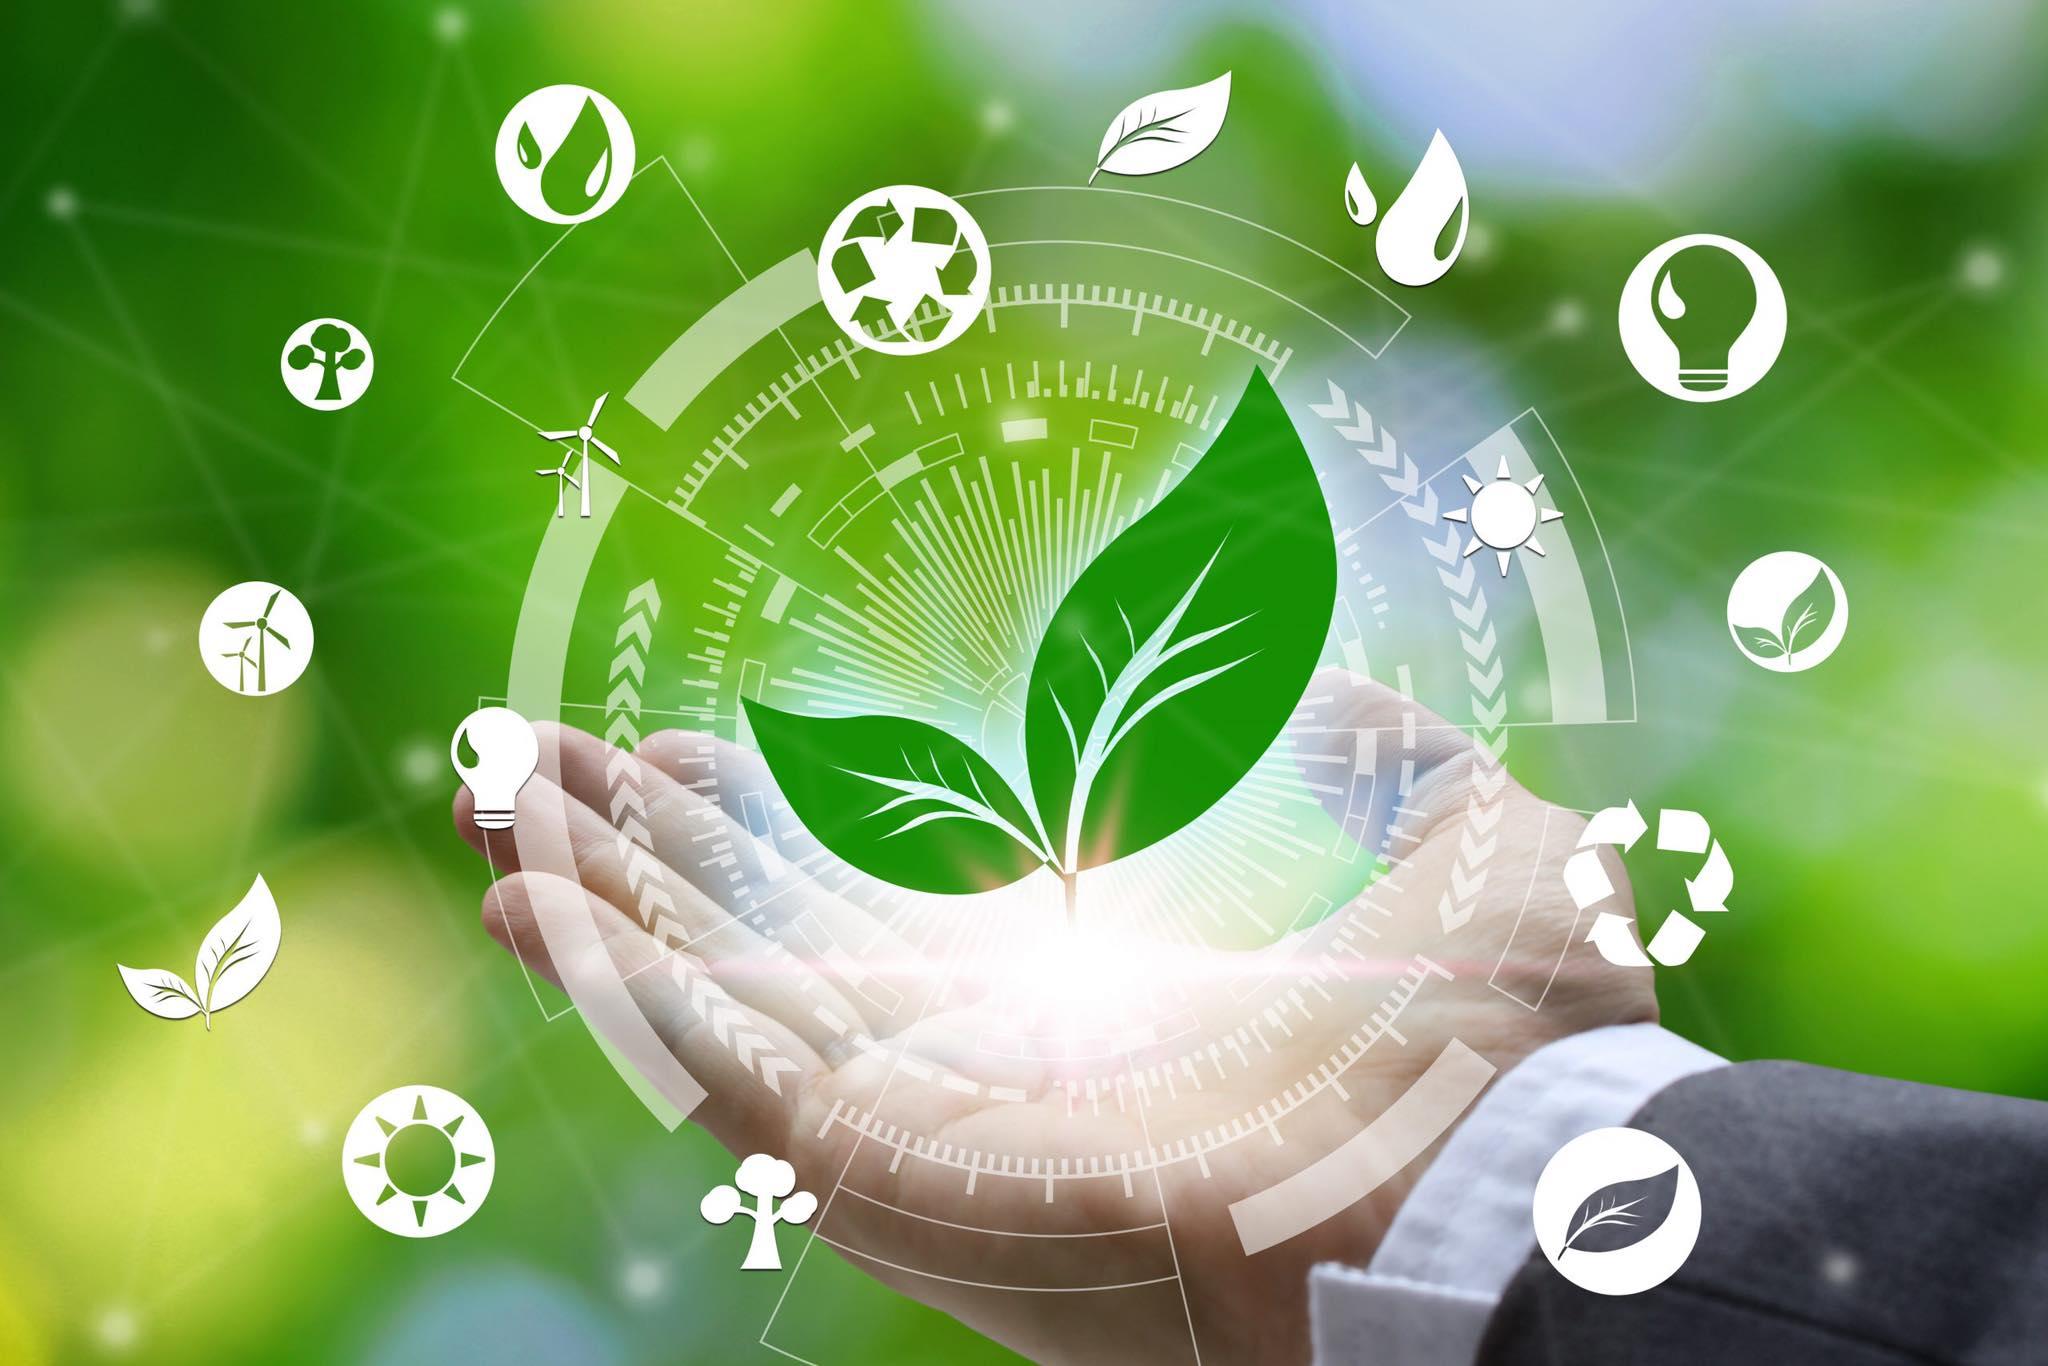 ՄՐՑՈՒՅԹ՝ Green Lane NGO – Առցանց բիզնես-աքսելերացիոն ծրագիր GREENcubator